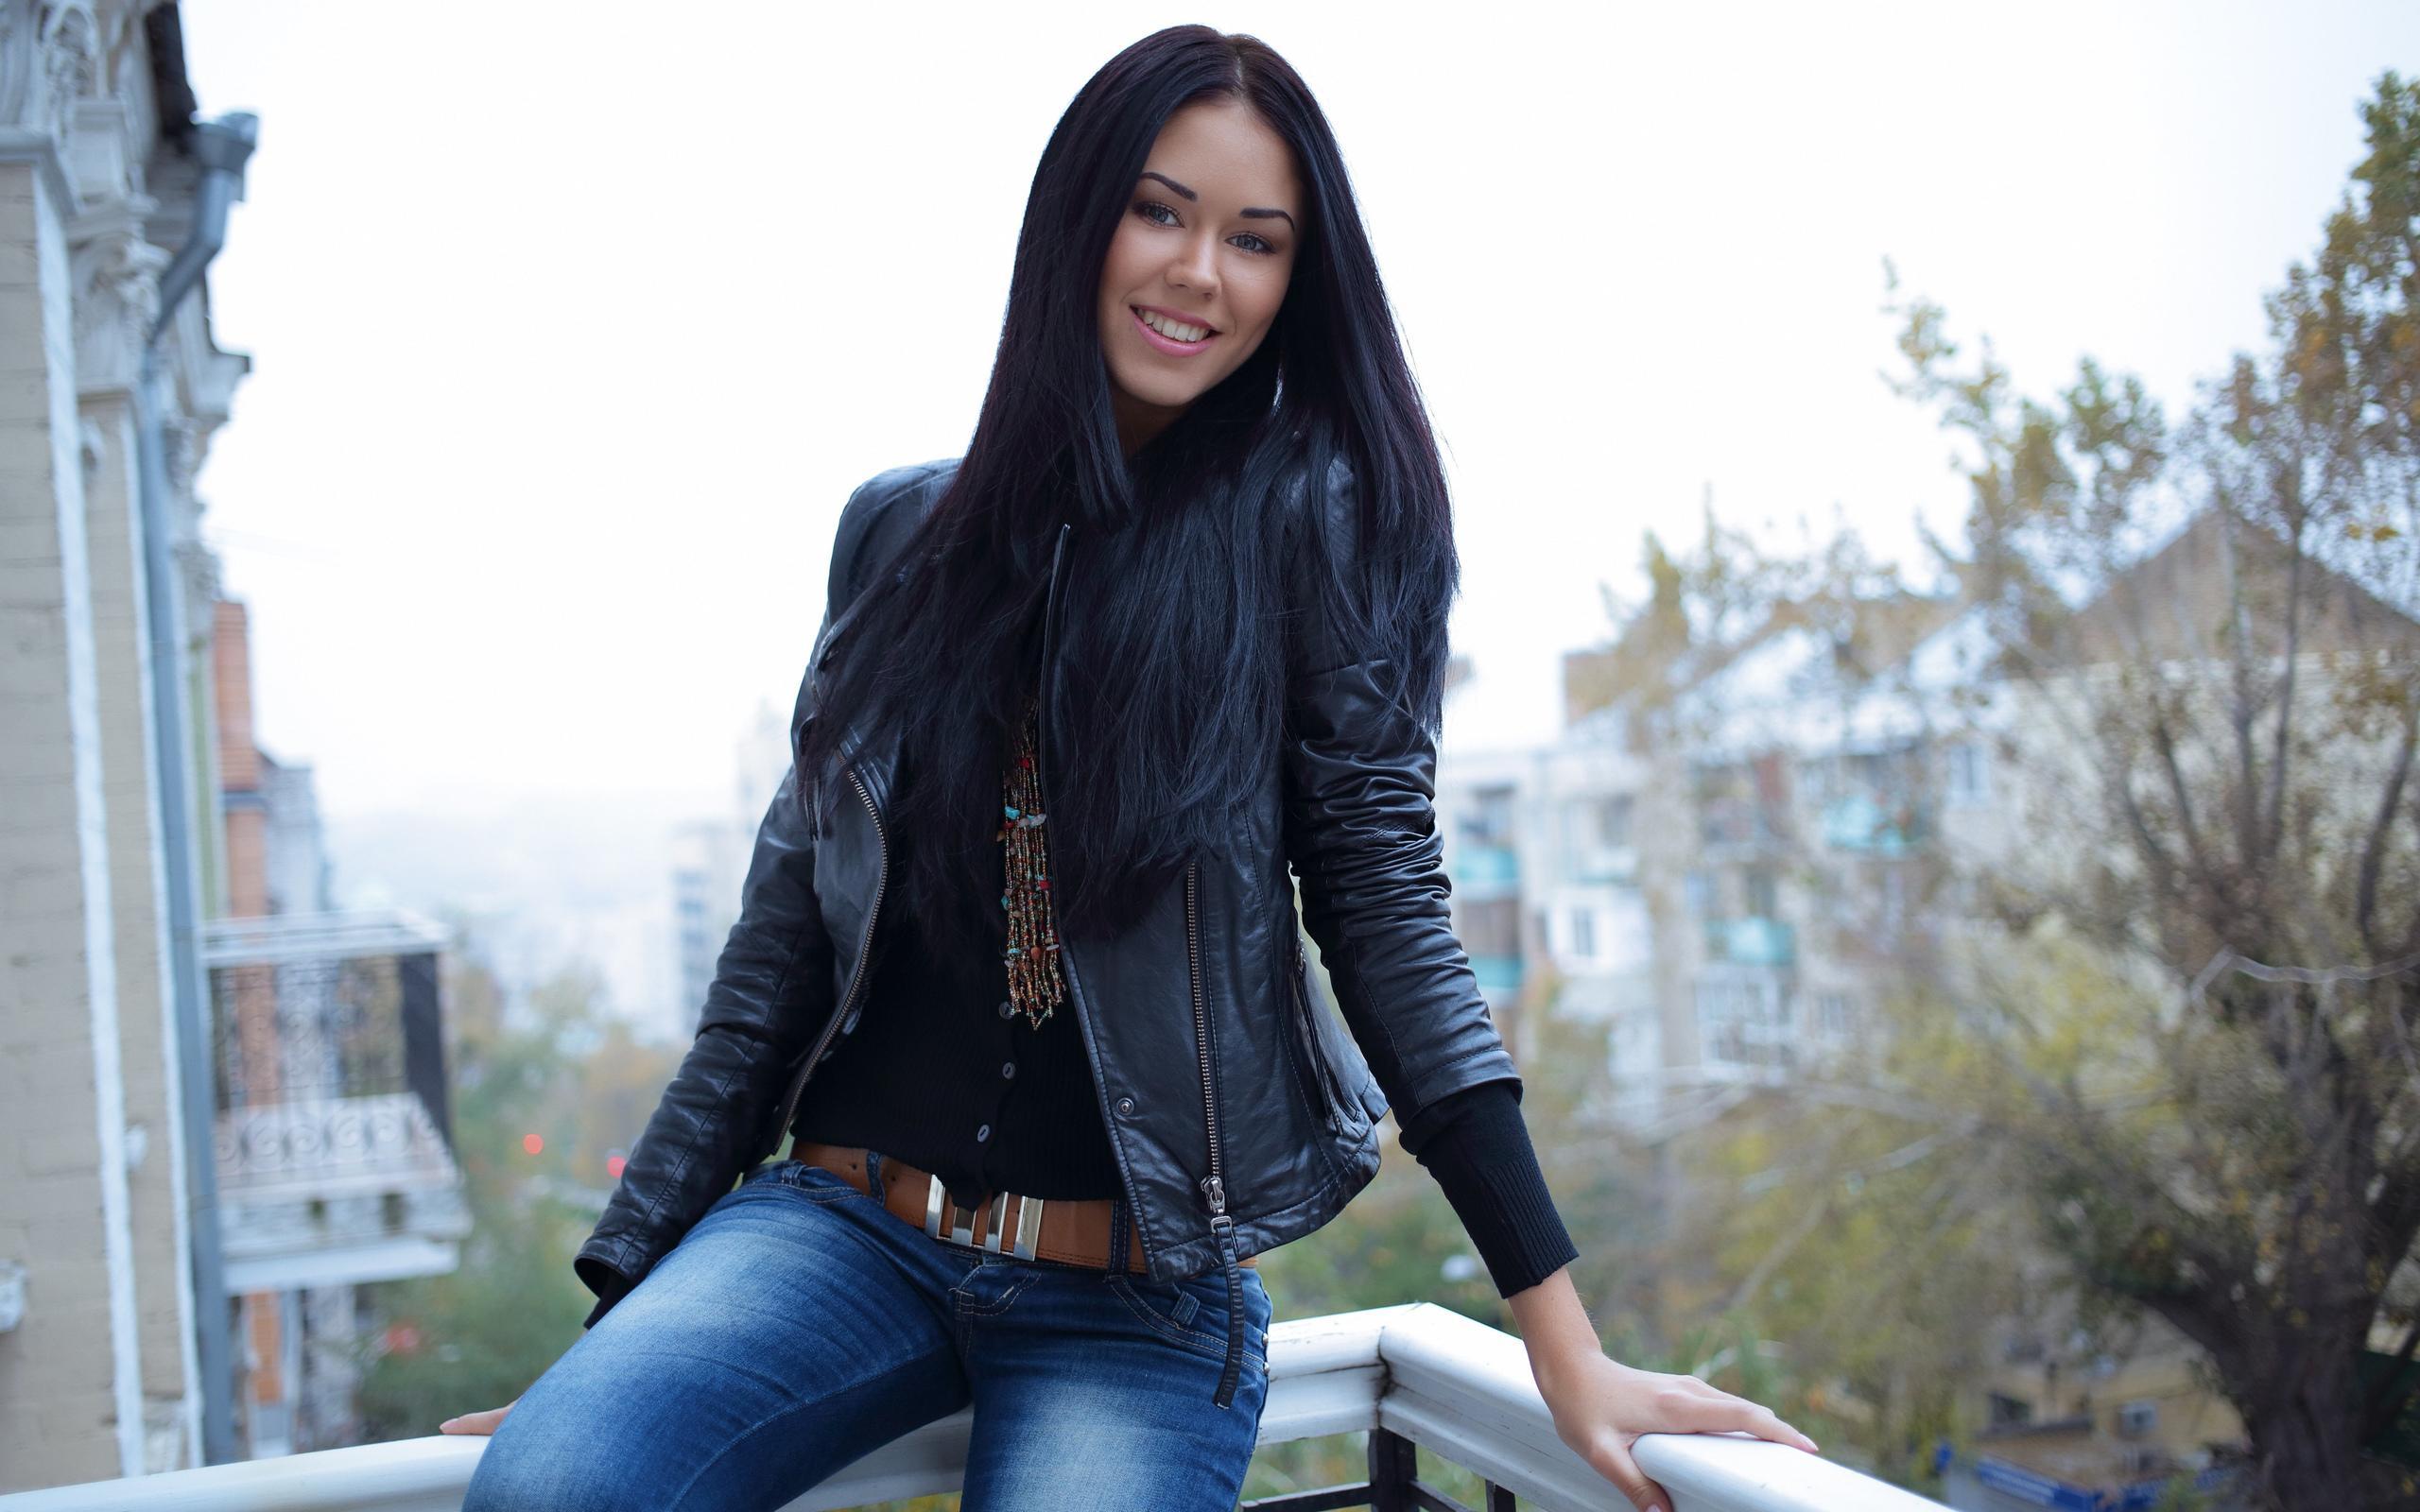 Imagen con etiquetas:HD, Interesante, Moda y belleza, Chica